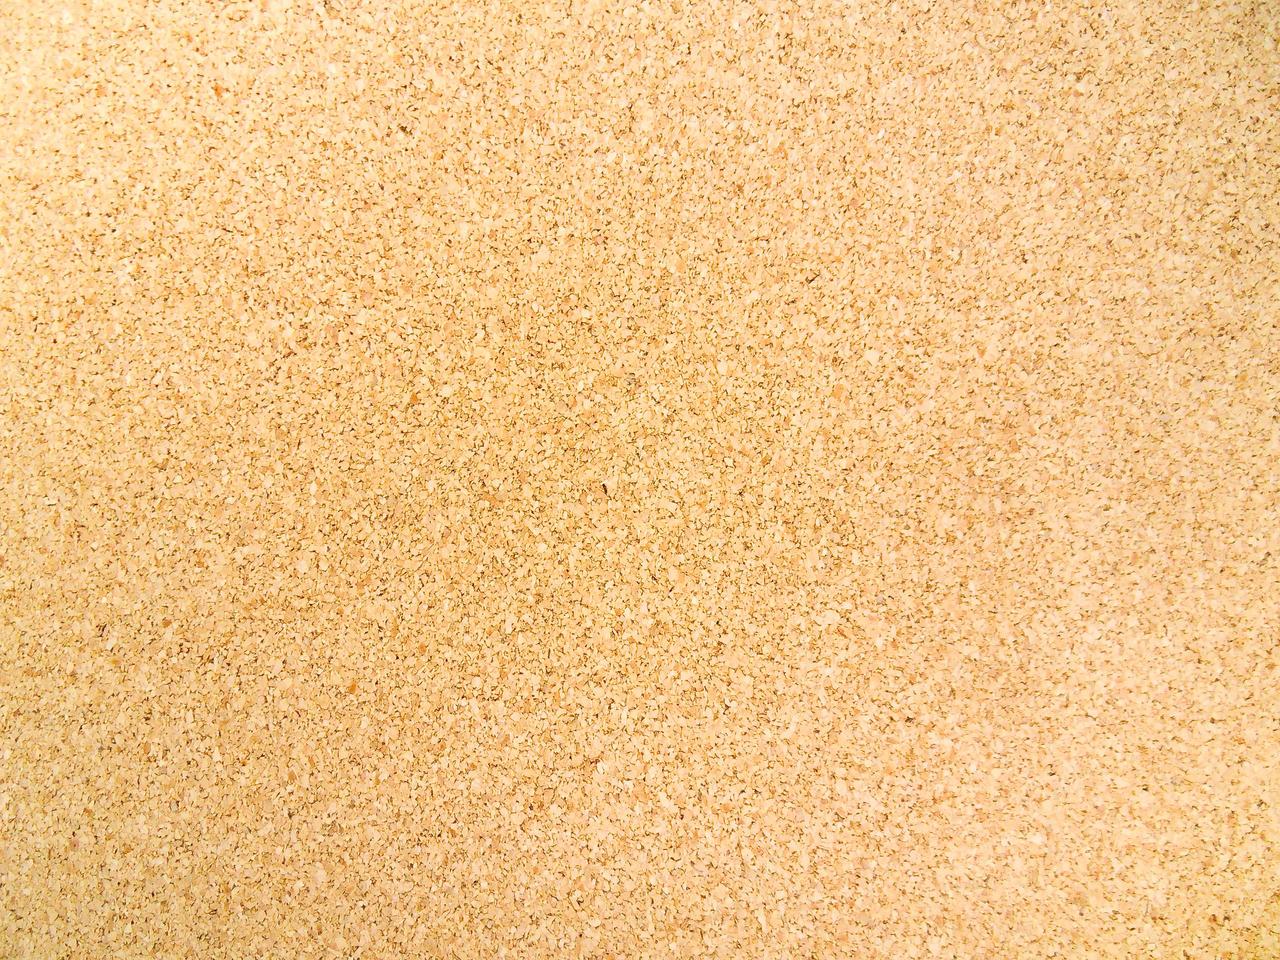 cork board texture 12 by carlbert on deviantart